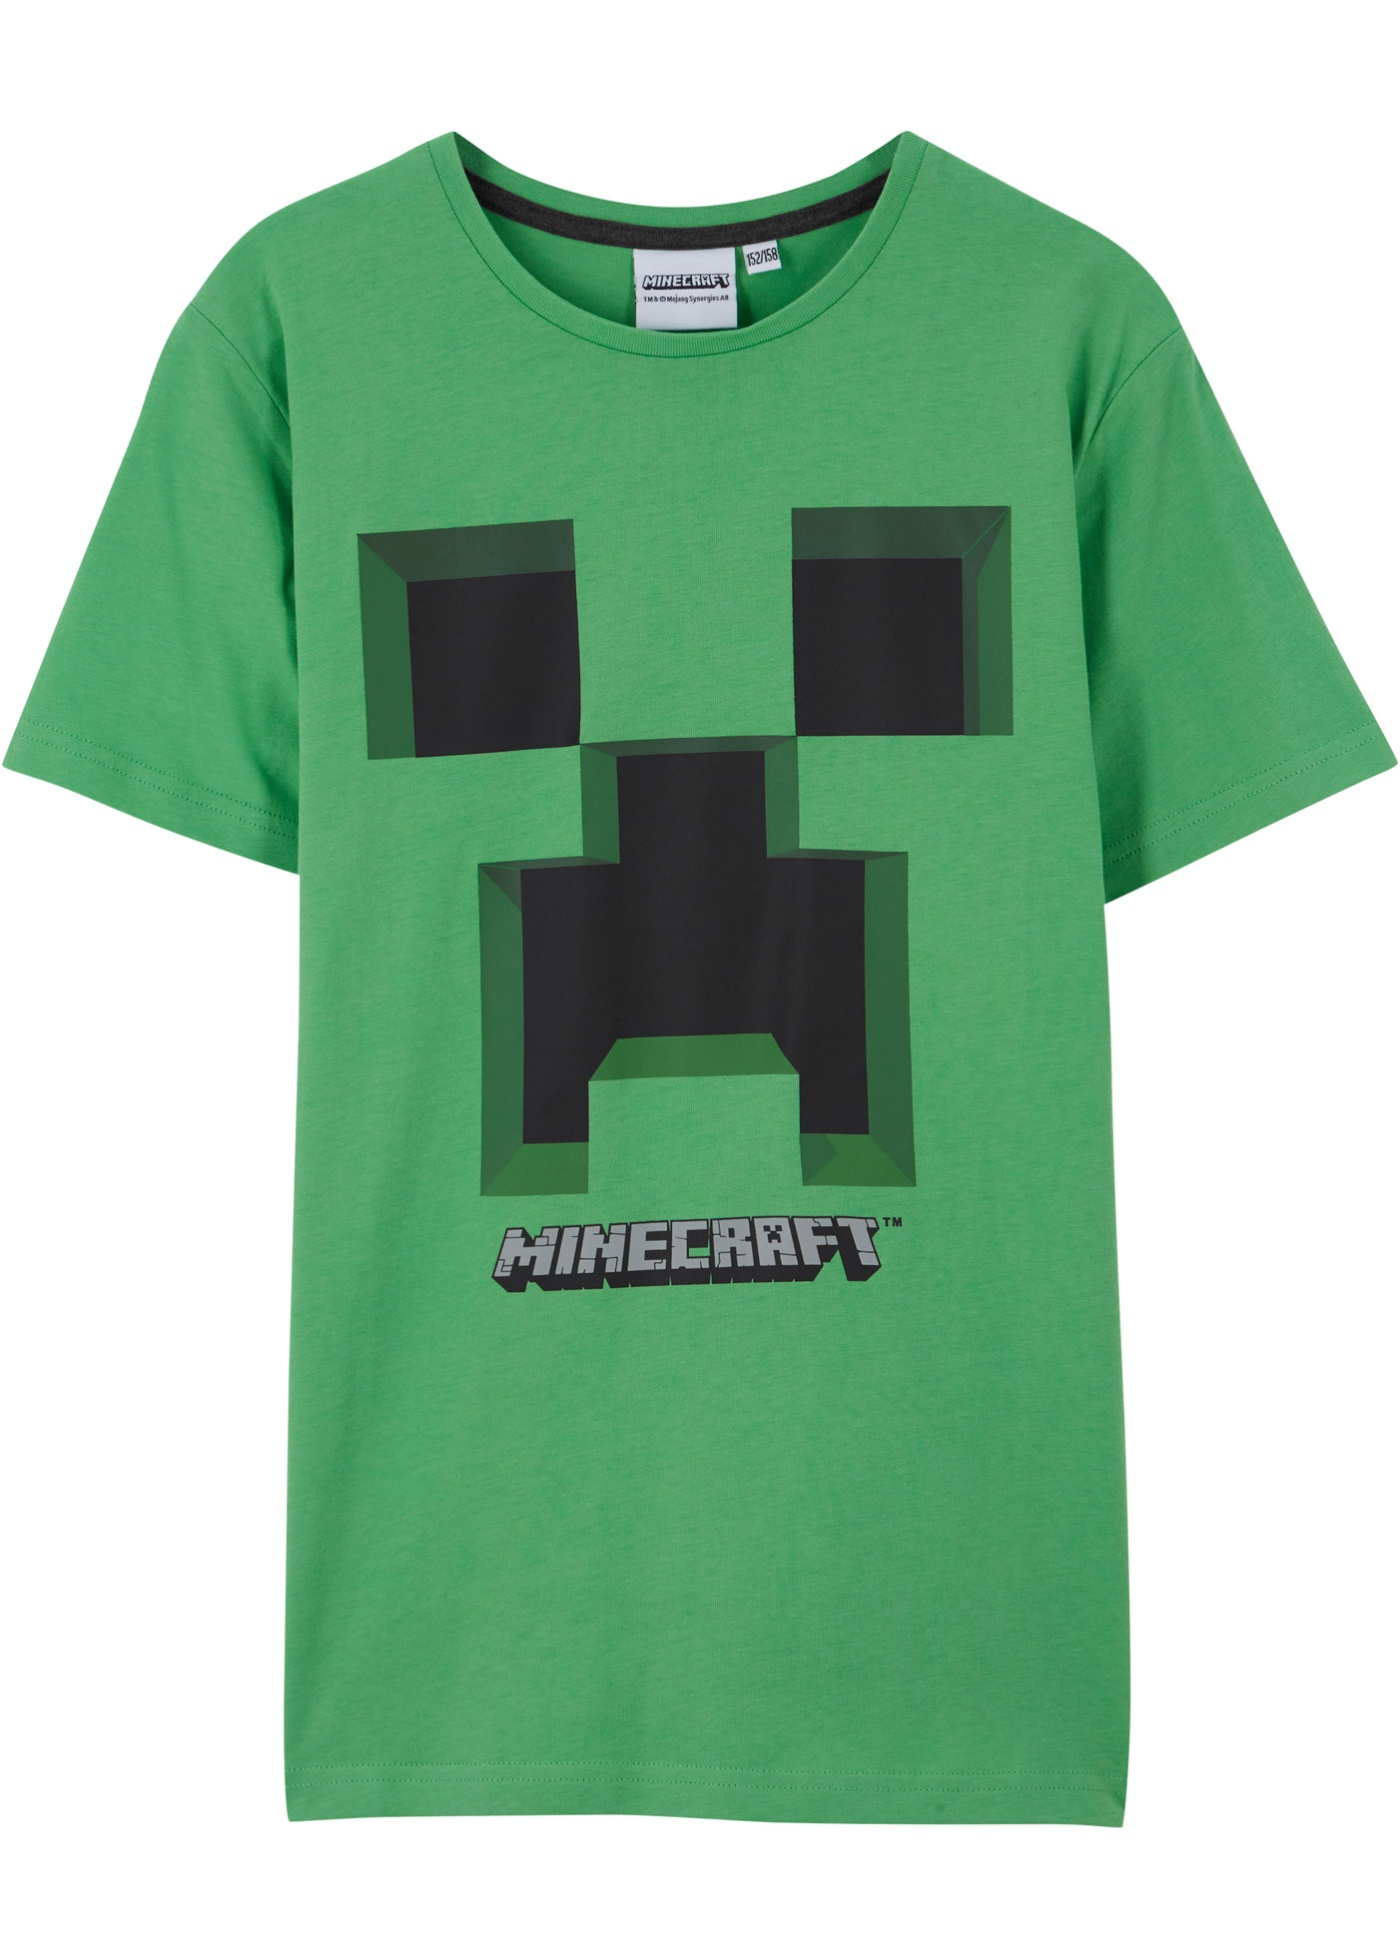 T-shirt (Verde) - Minecraft